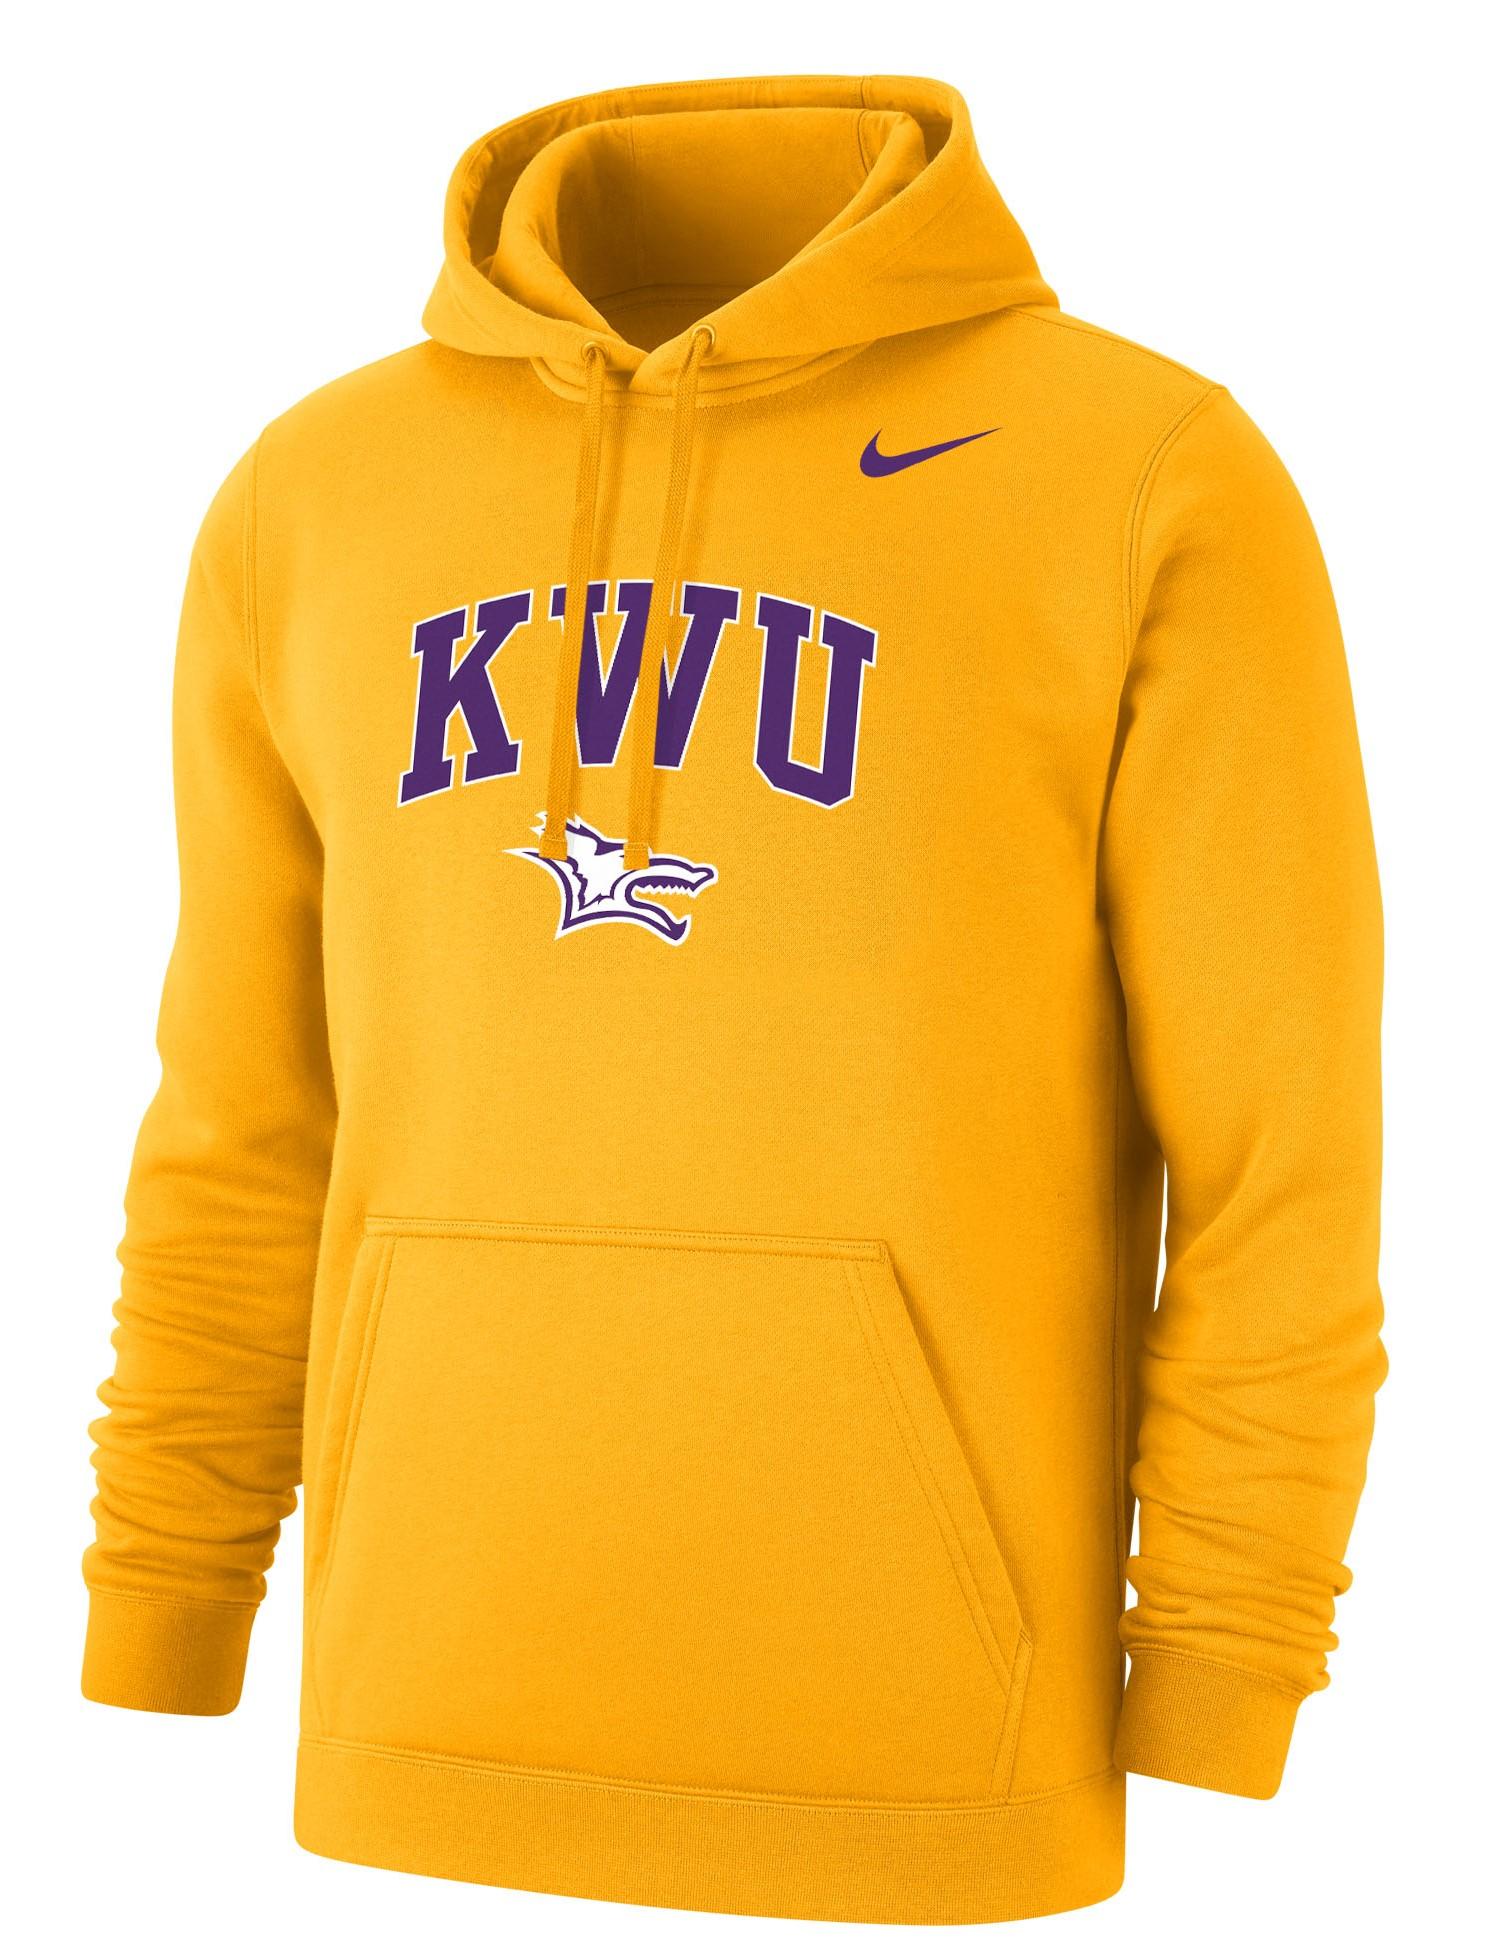 Nike KWU Fleece Hood